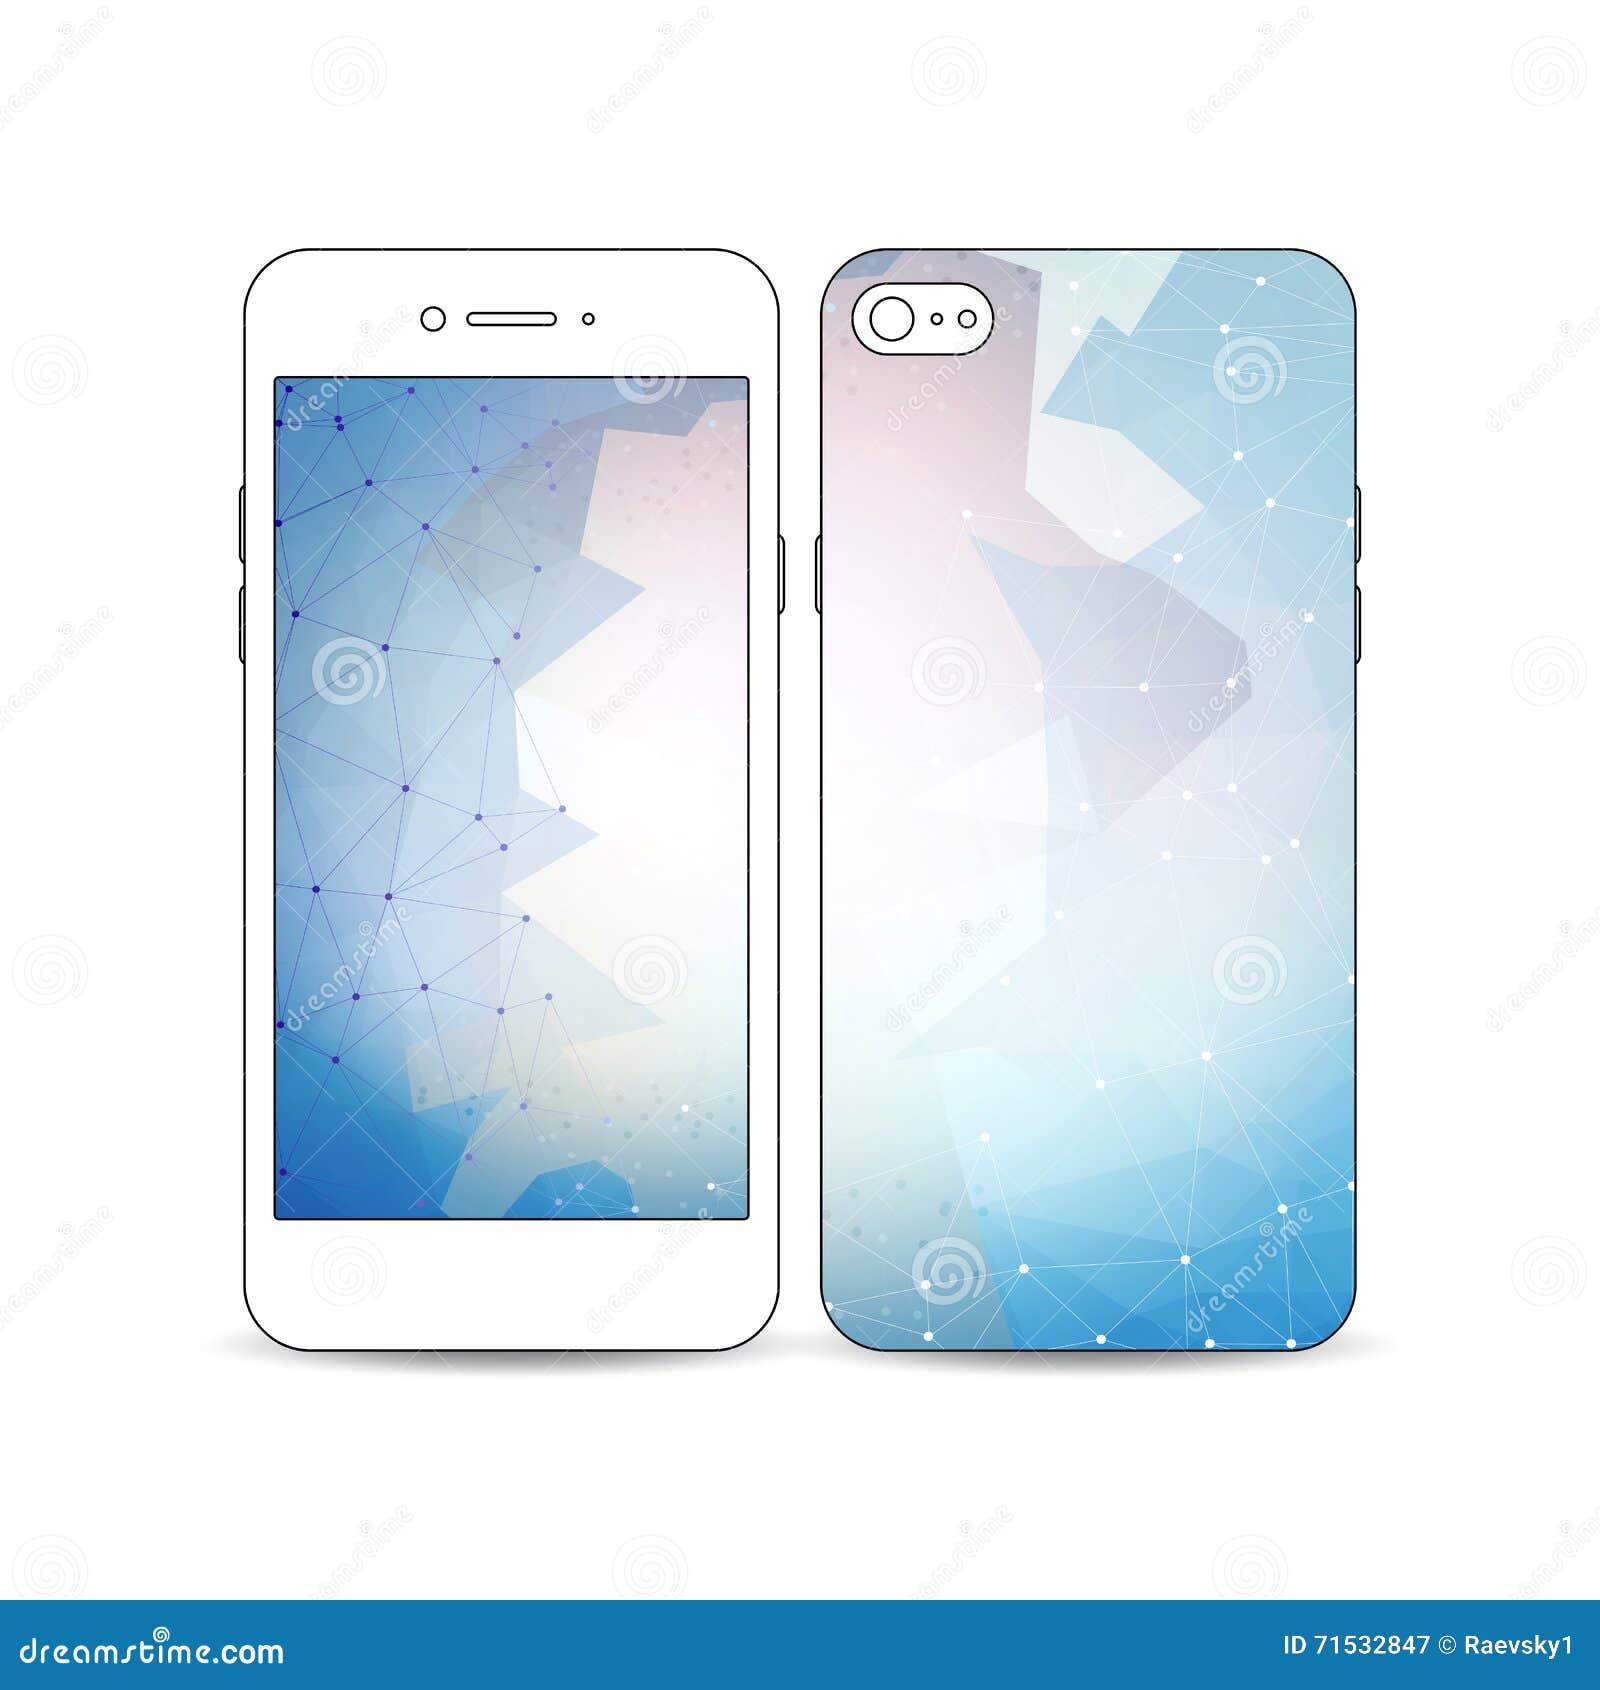 0d8fc688617 Smartphone móvil con un ejemplo del diseño de la pantalla y de la cubierta  aislado en el fondo blanco Fondo poligonal colorido abstracto, textura  elegante ...